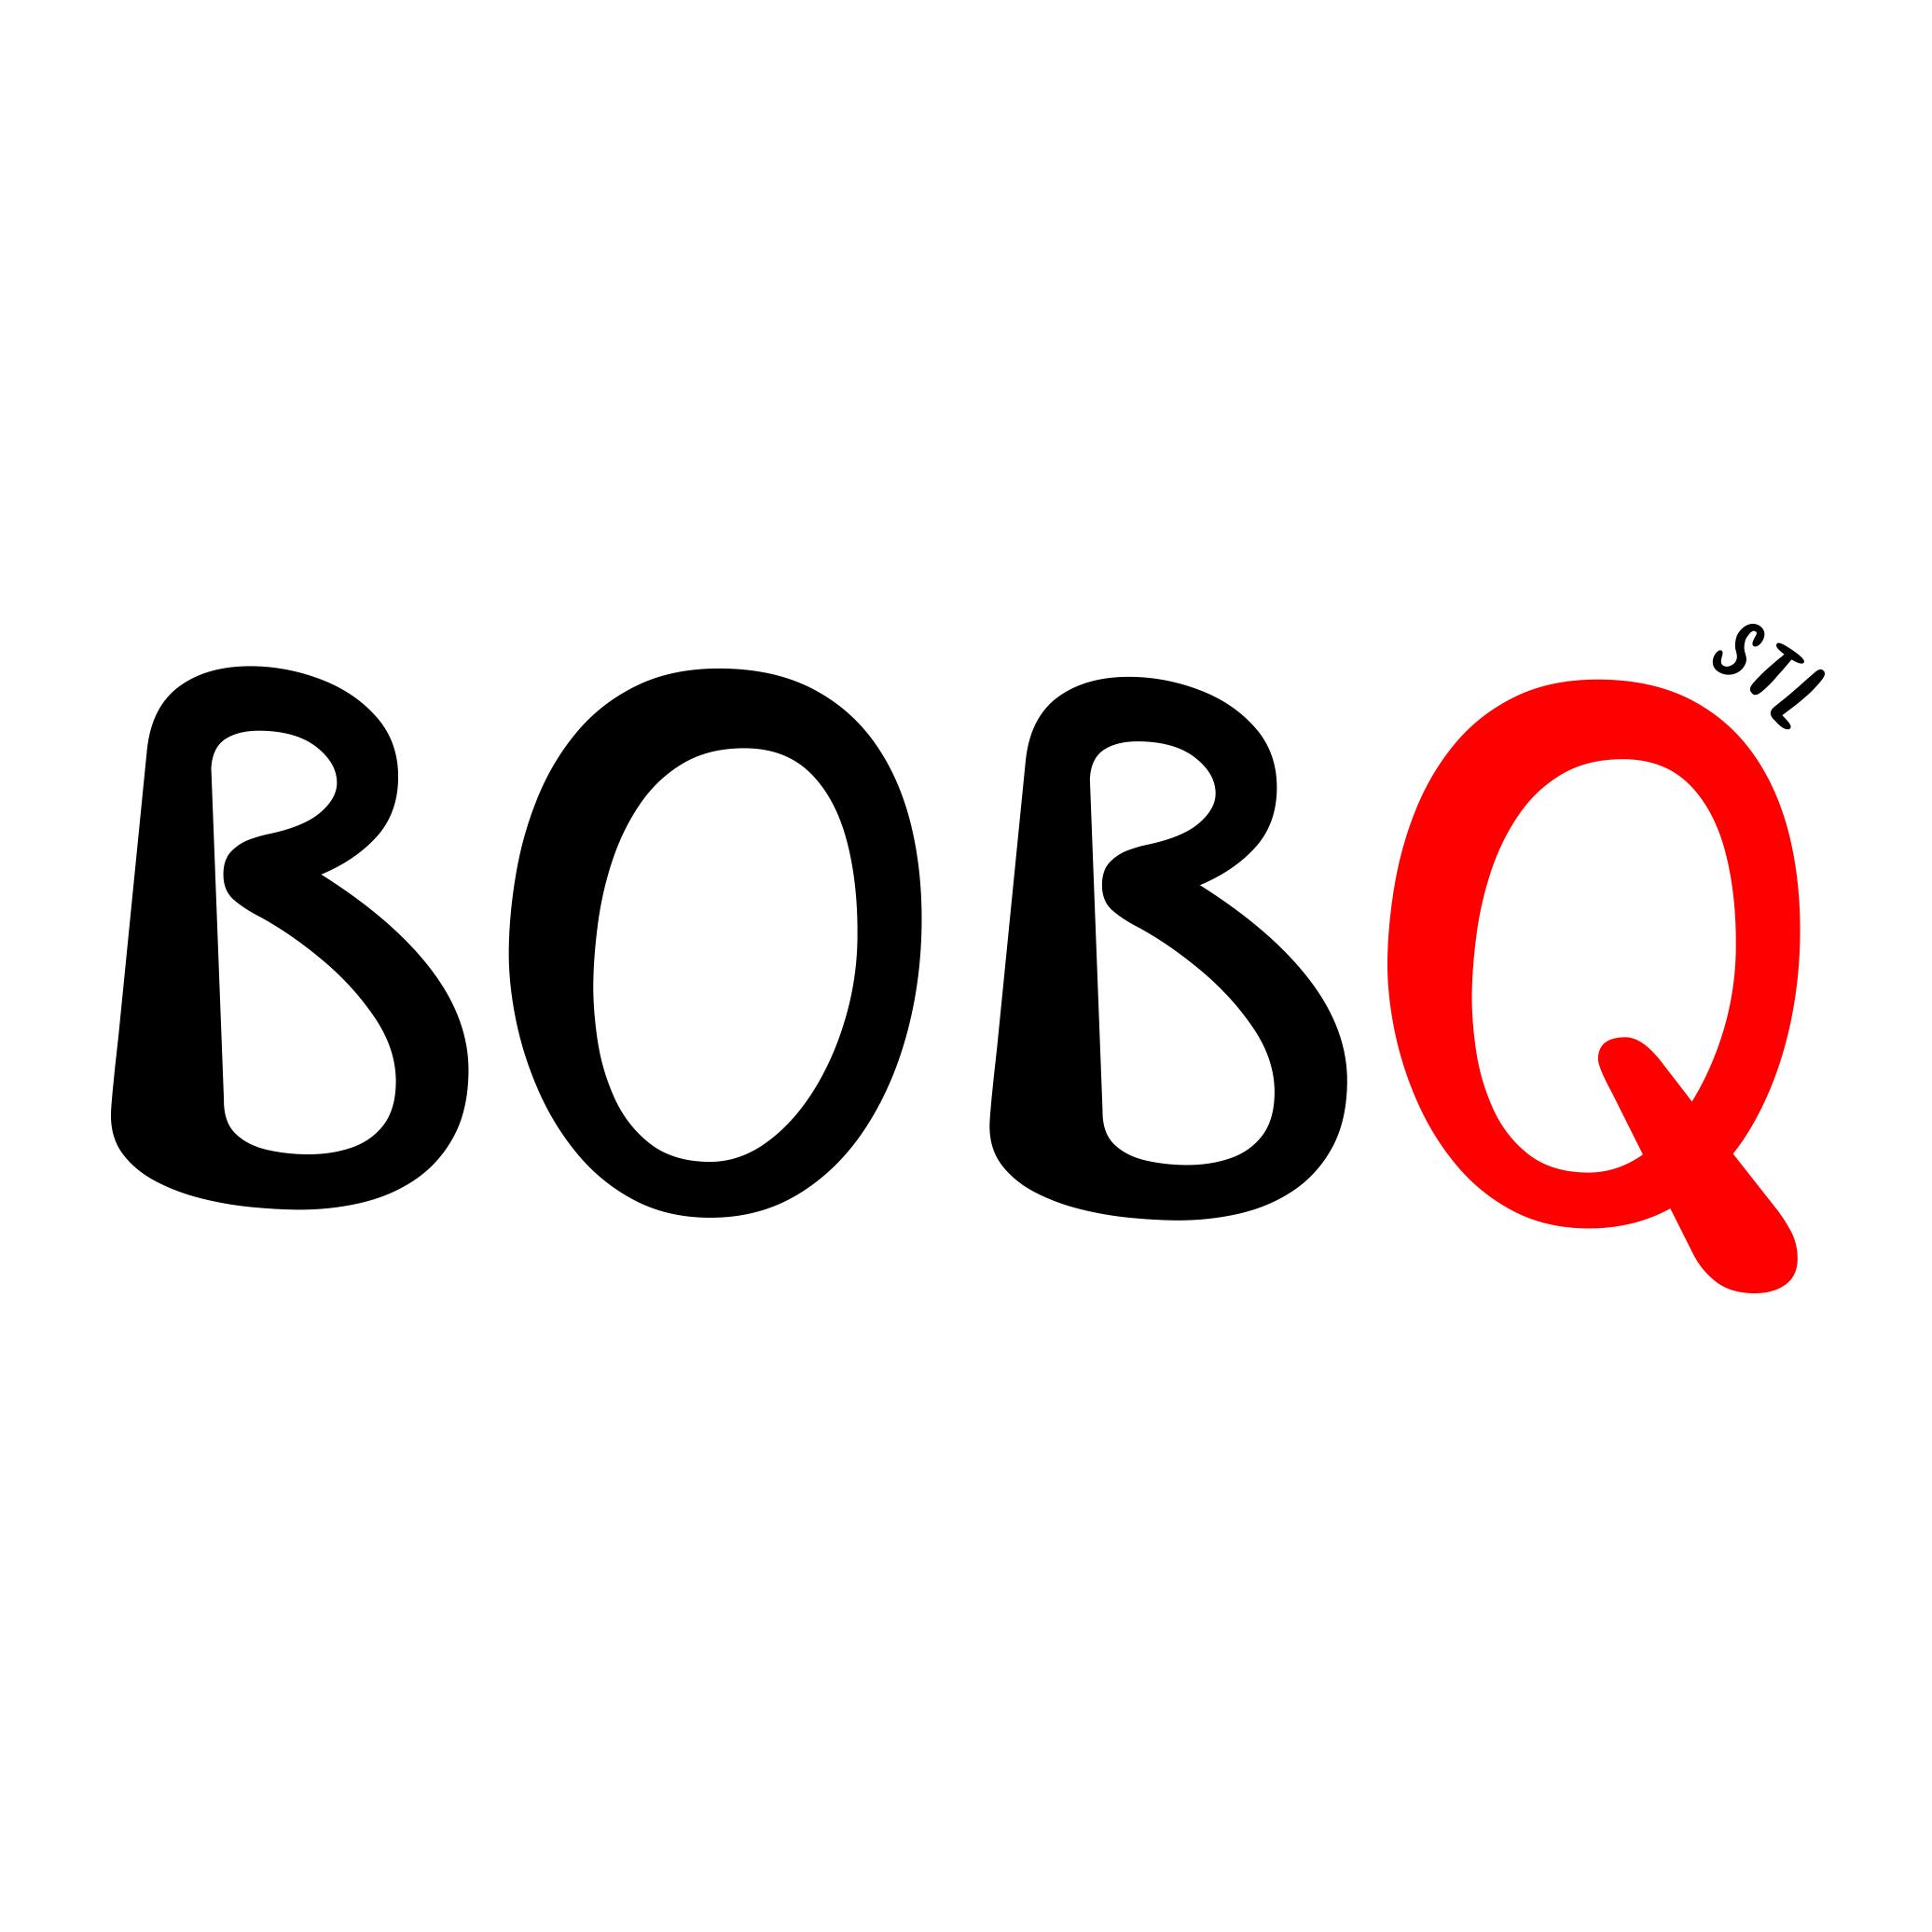 BOB-Q